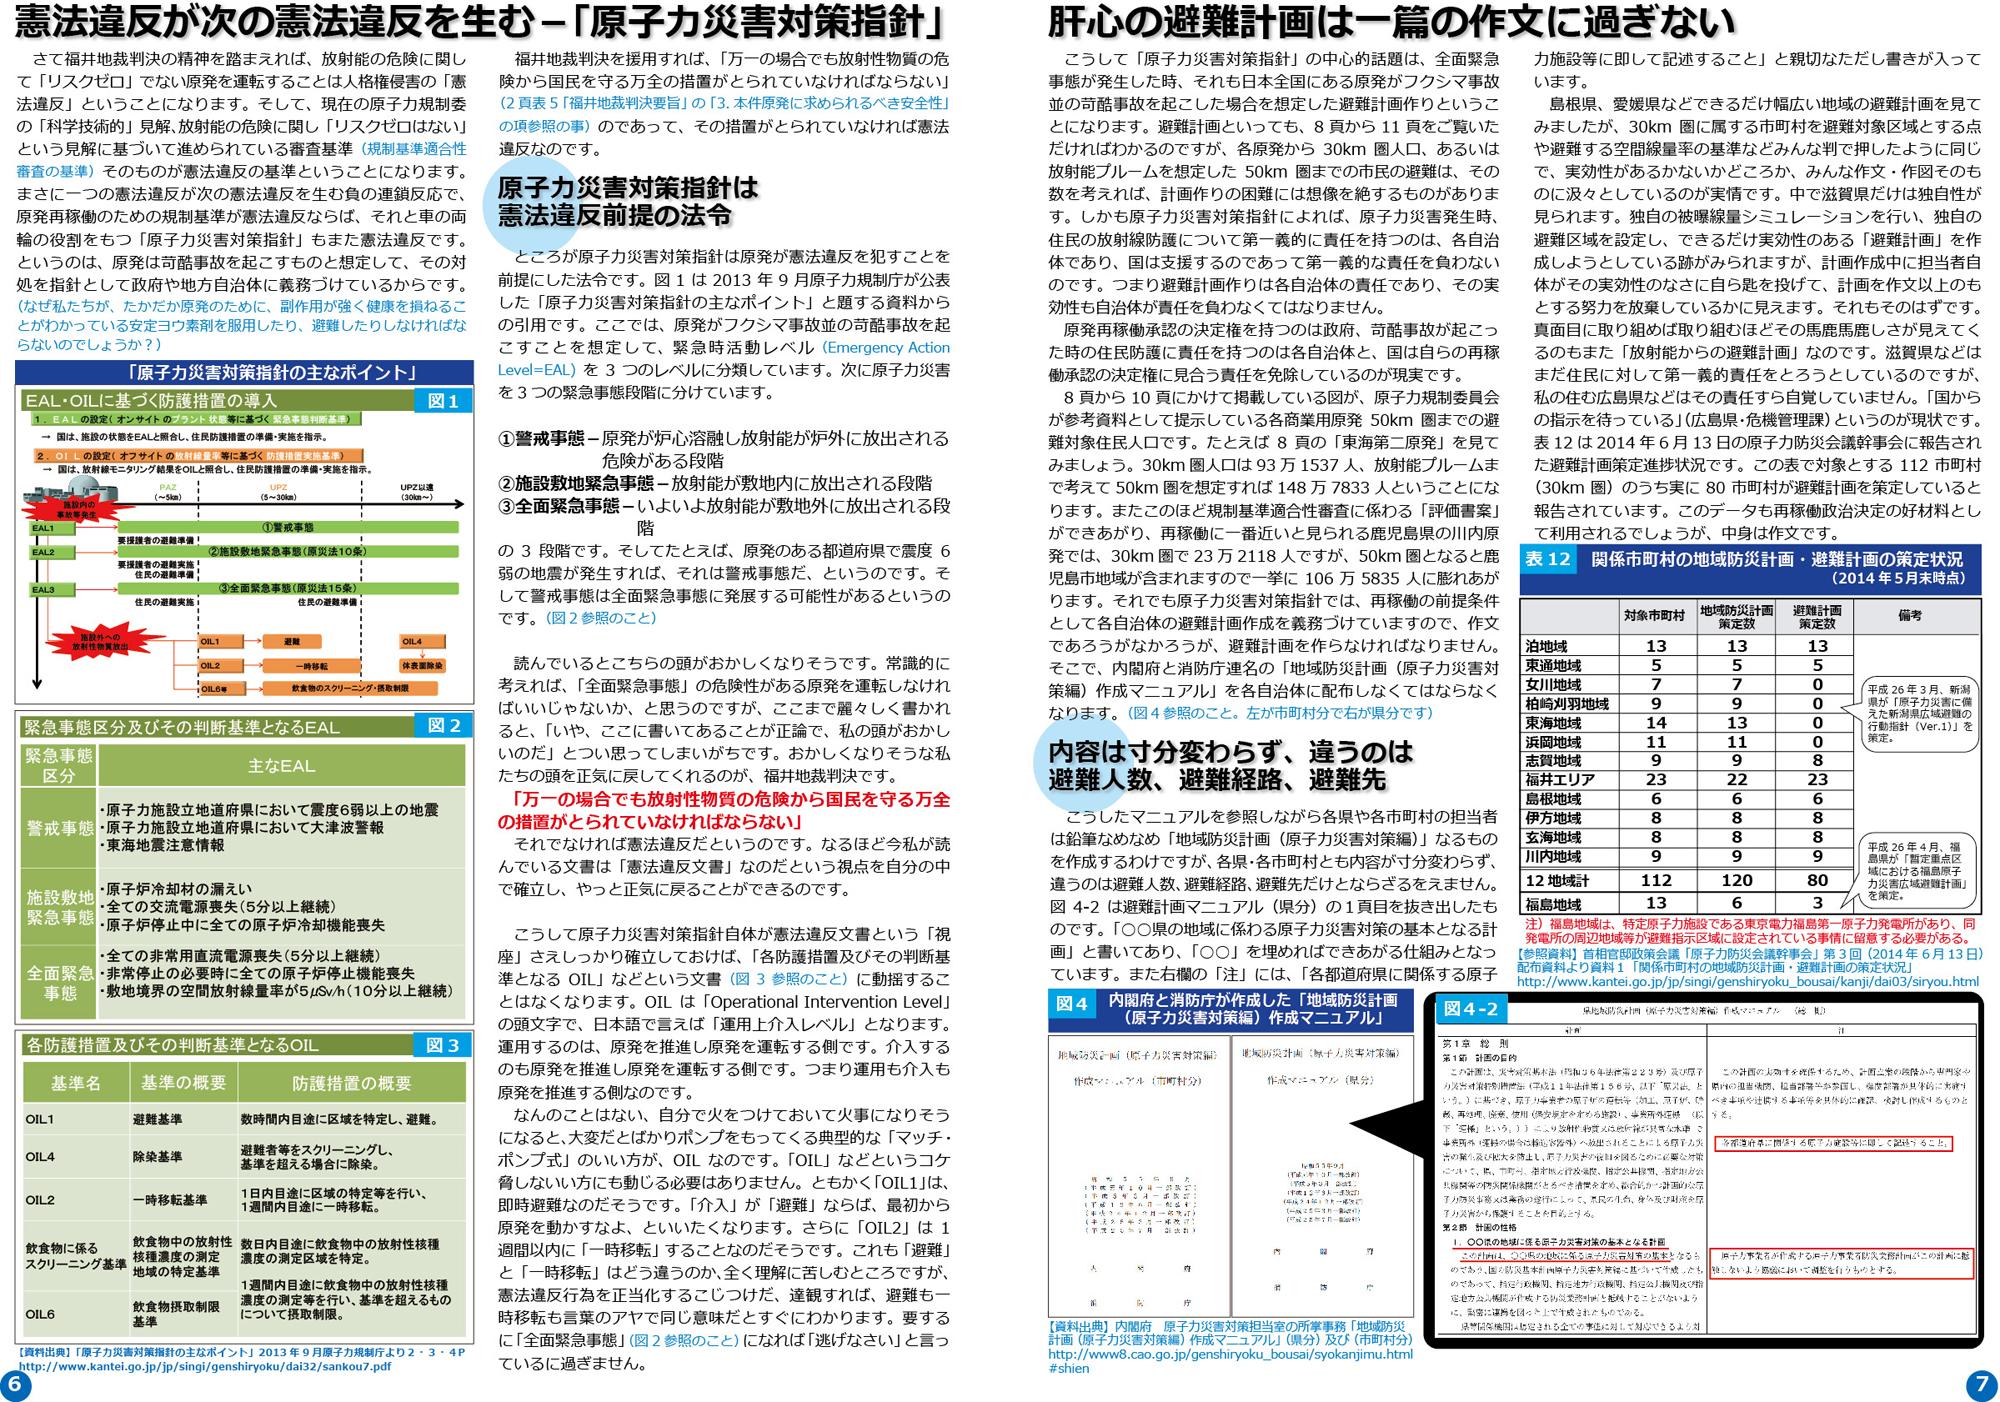 ファイル 314-4.jpg